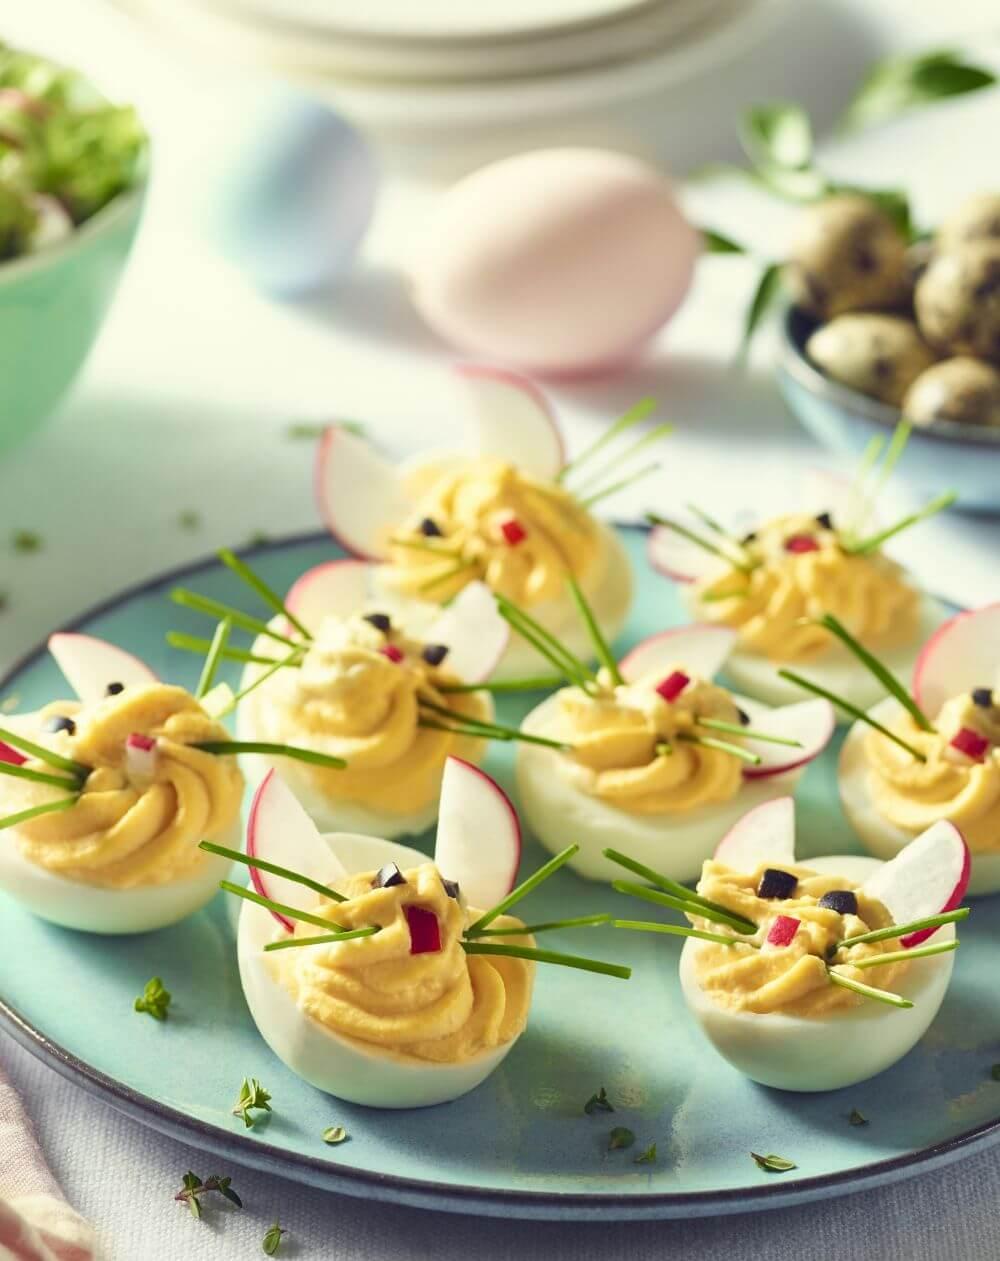 Wielkanocne jajka faszerowane w kształcie króliczków